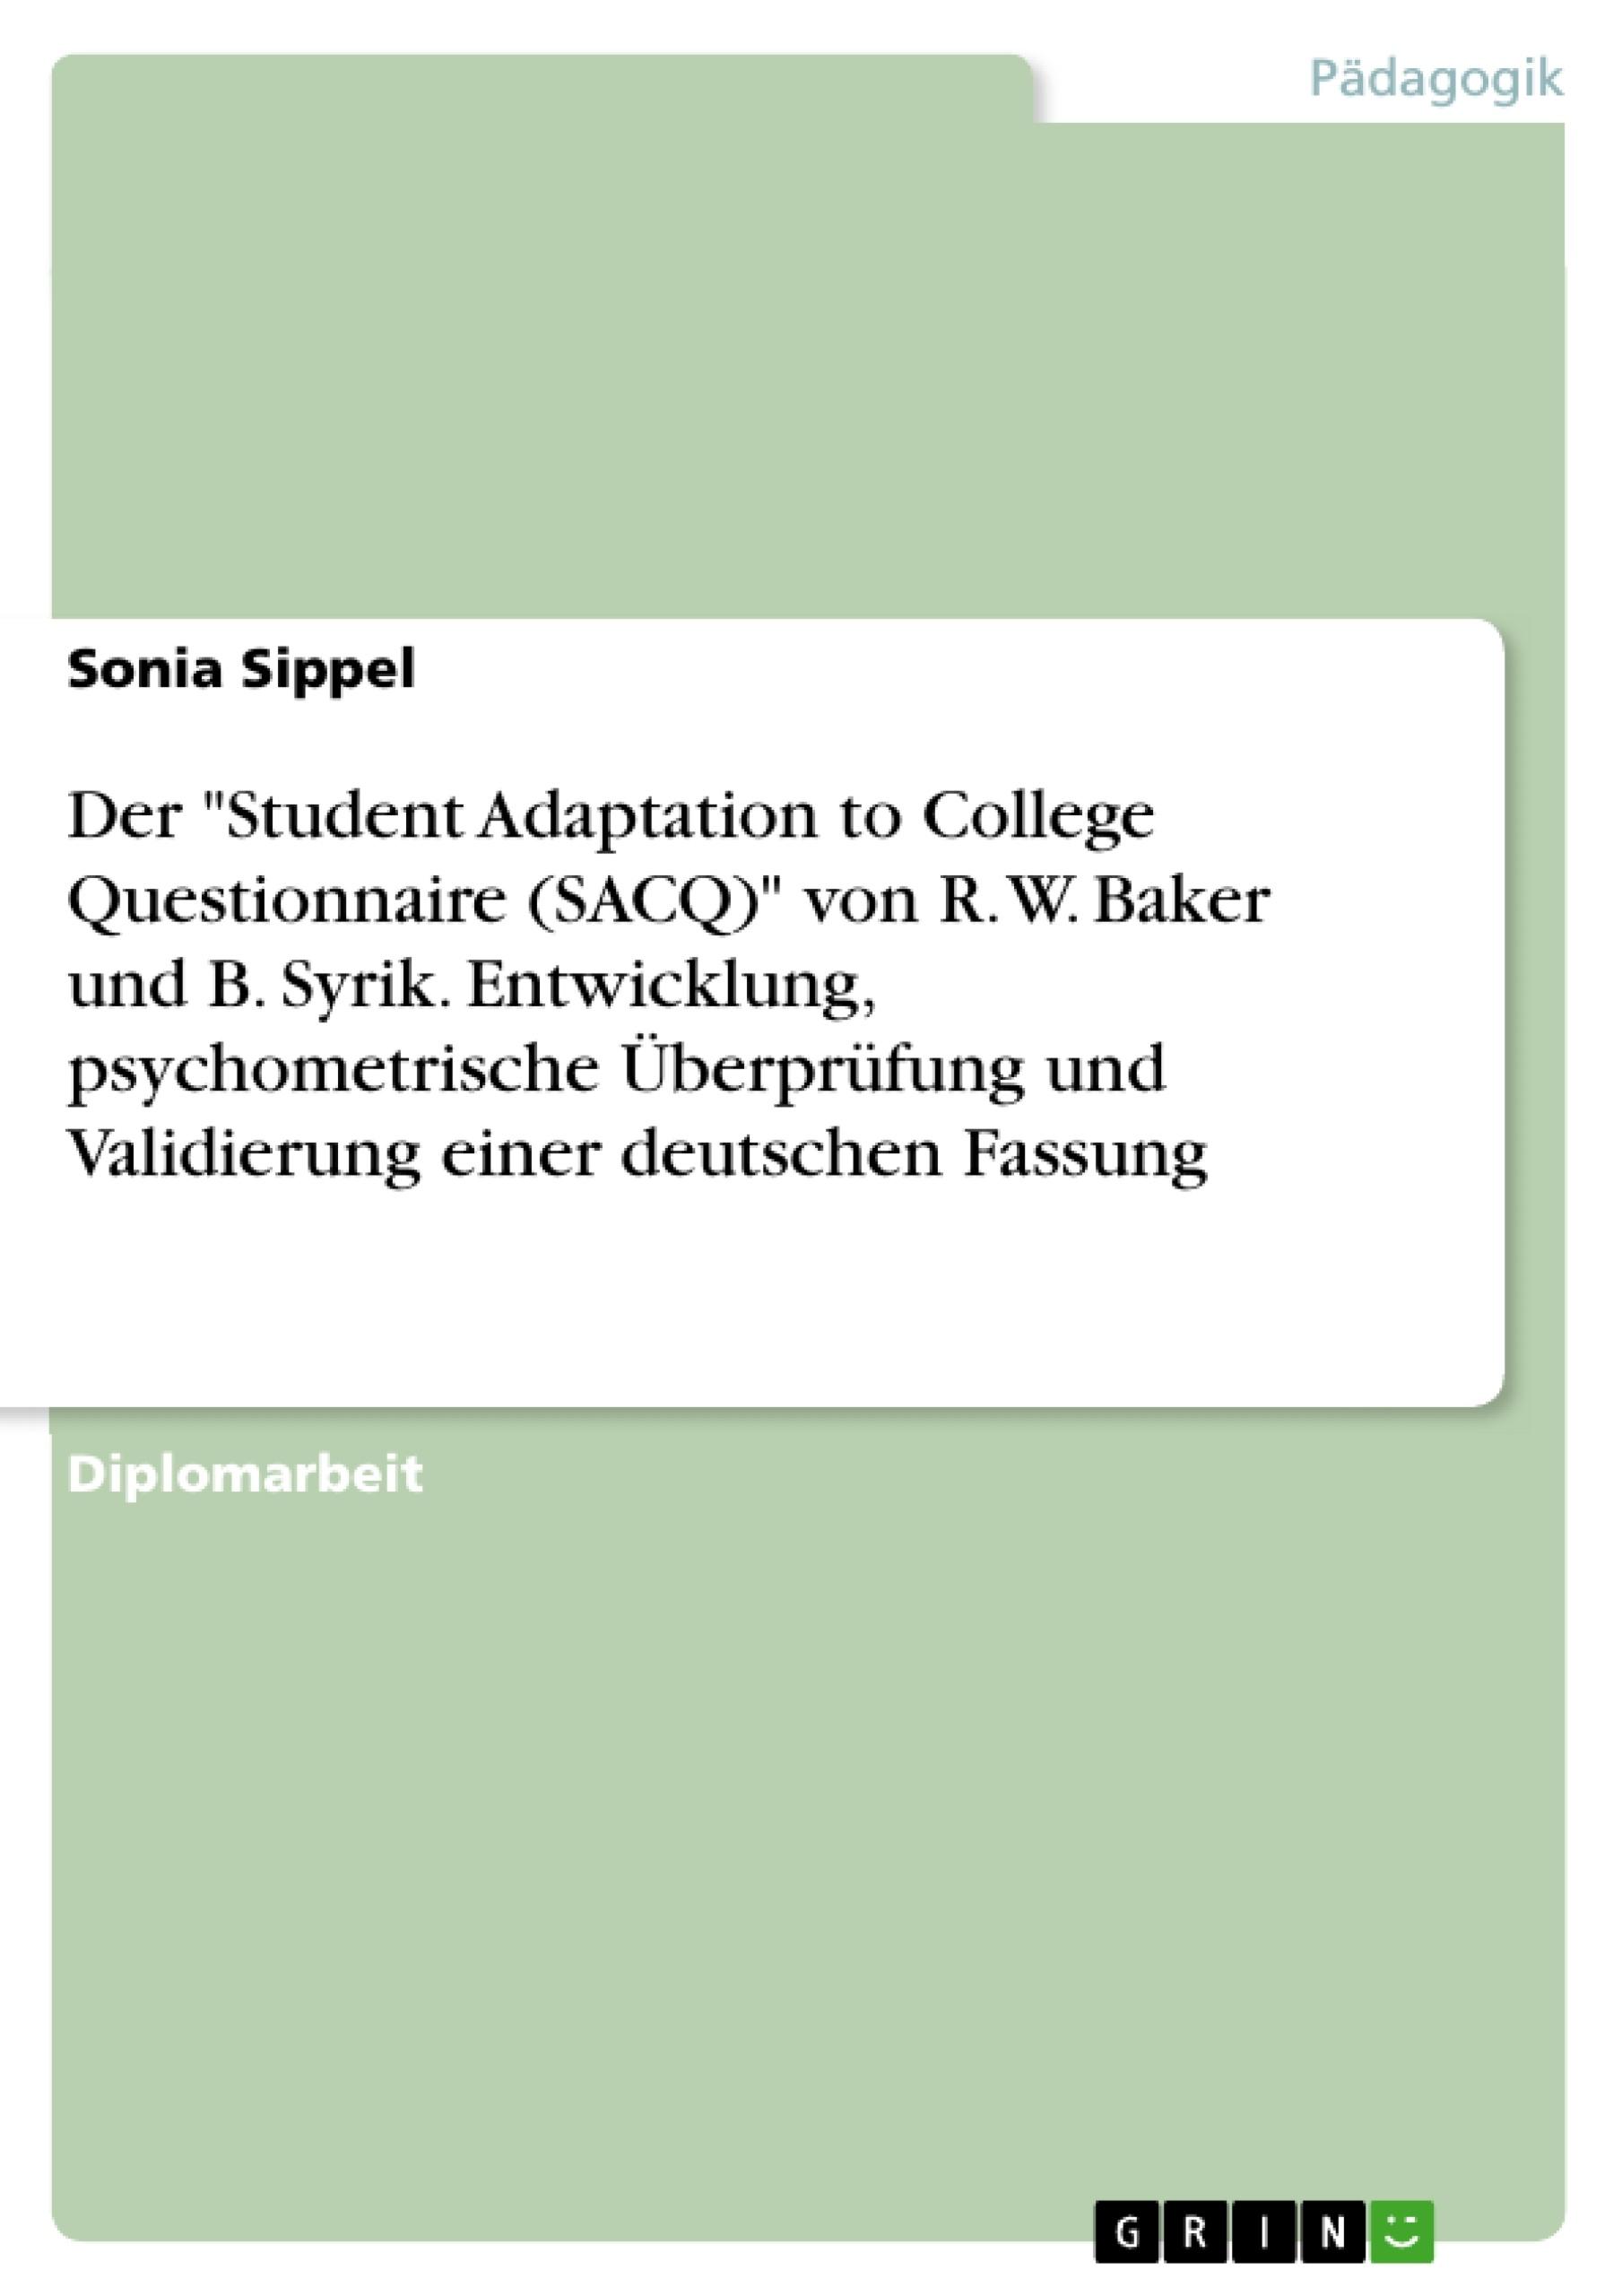 """Titel: Der """"Student Adaptation to College Questionnaire (SACQ)"""" von R. W. Baker und B. Syrik. Entwicklung, psychometrische Überprüfung und Validierung einer deutschen Fassung"""